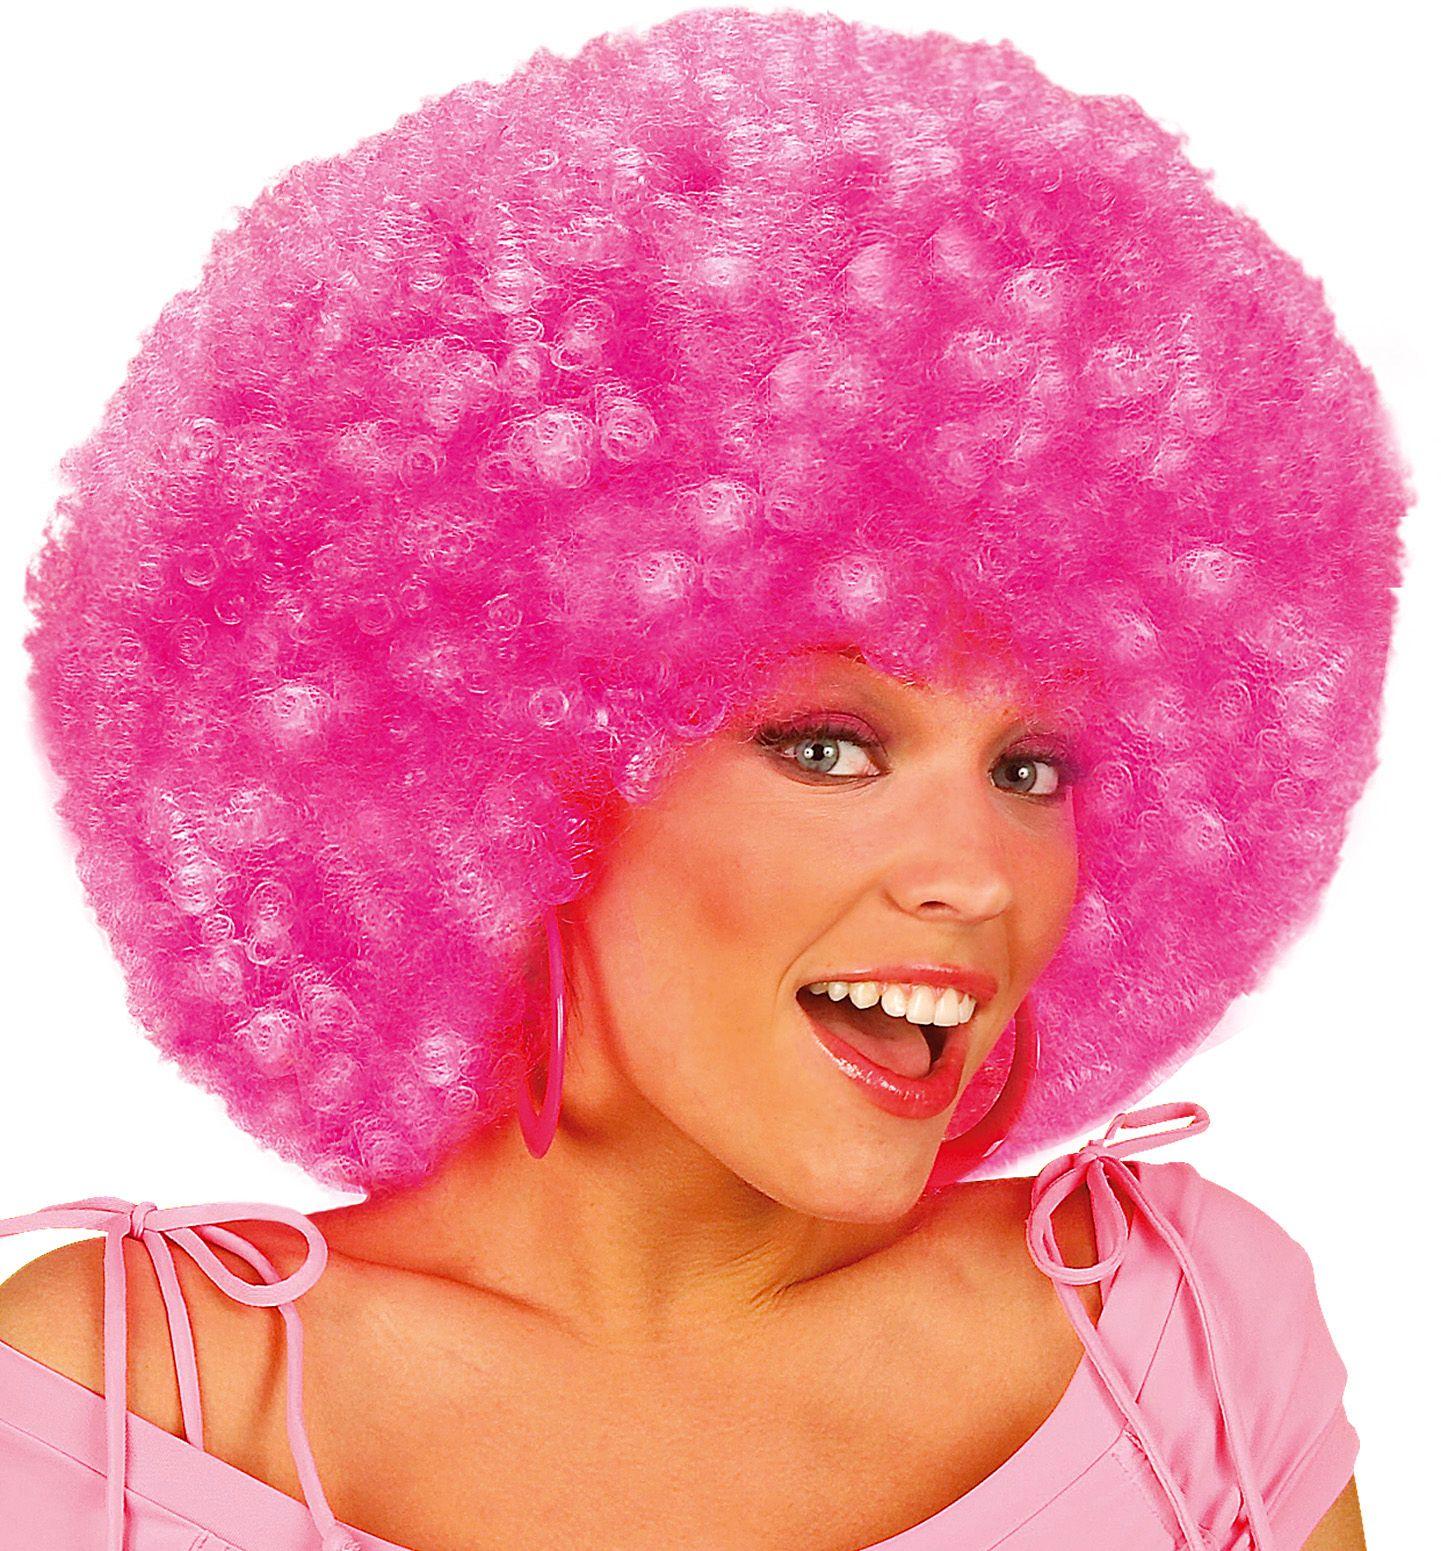 Roze afro pruik met krullen